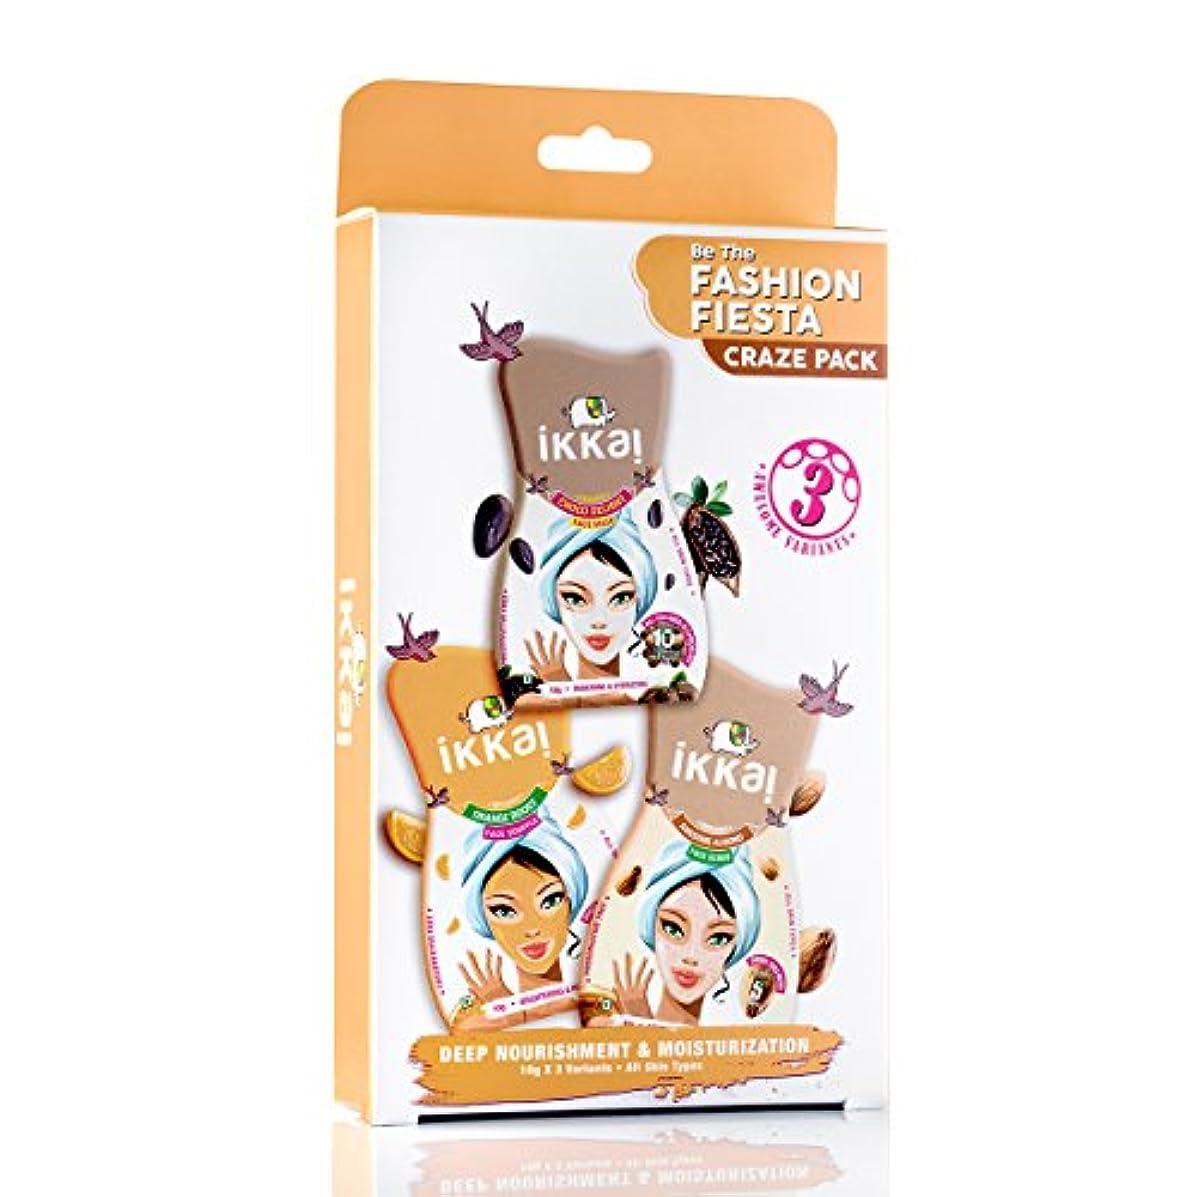 失態召集する意志に反するIkkai by Lotus Herbals Fashion Fiesta Craze Pack (1 Face Mask, 1 Face Scrub and 1 Face Souffle)